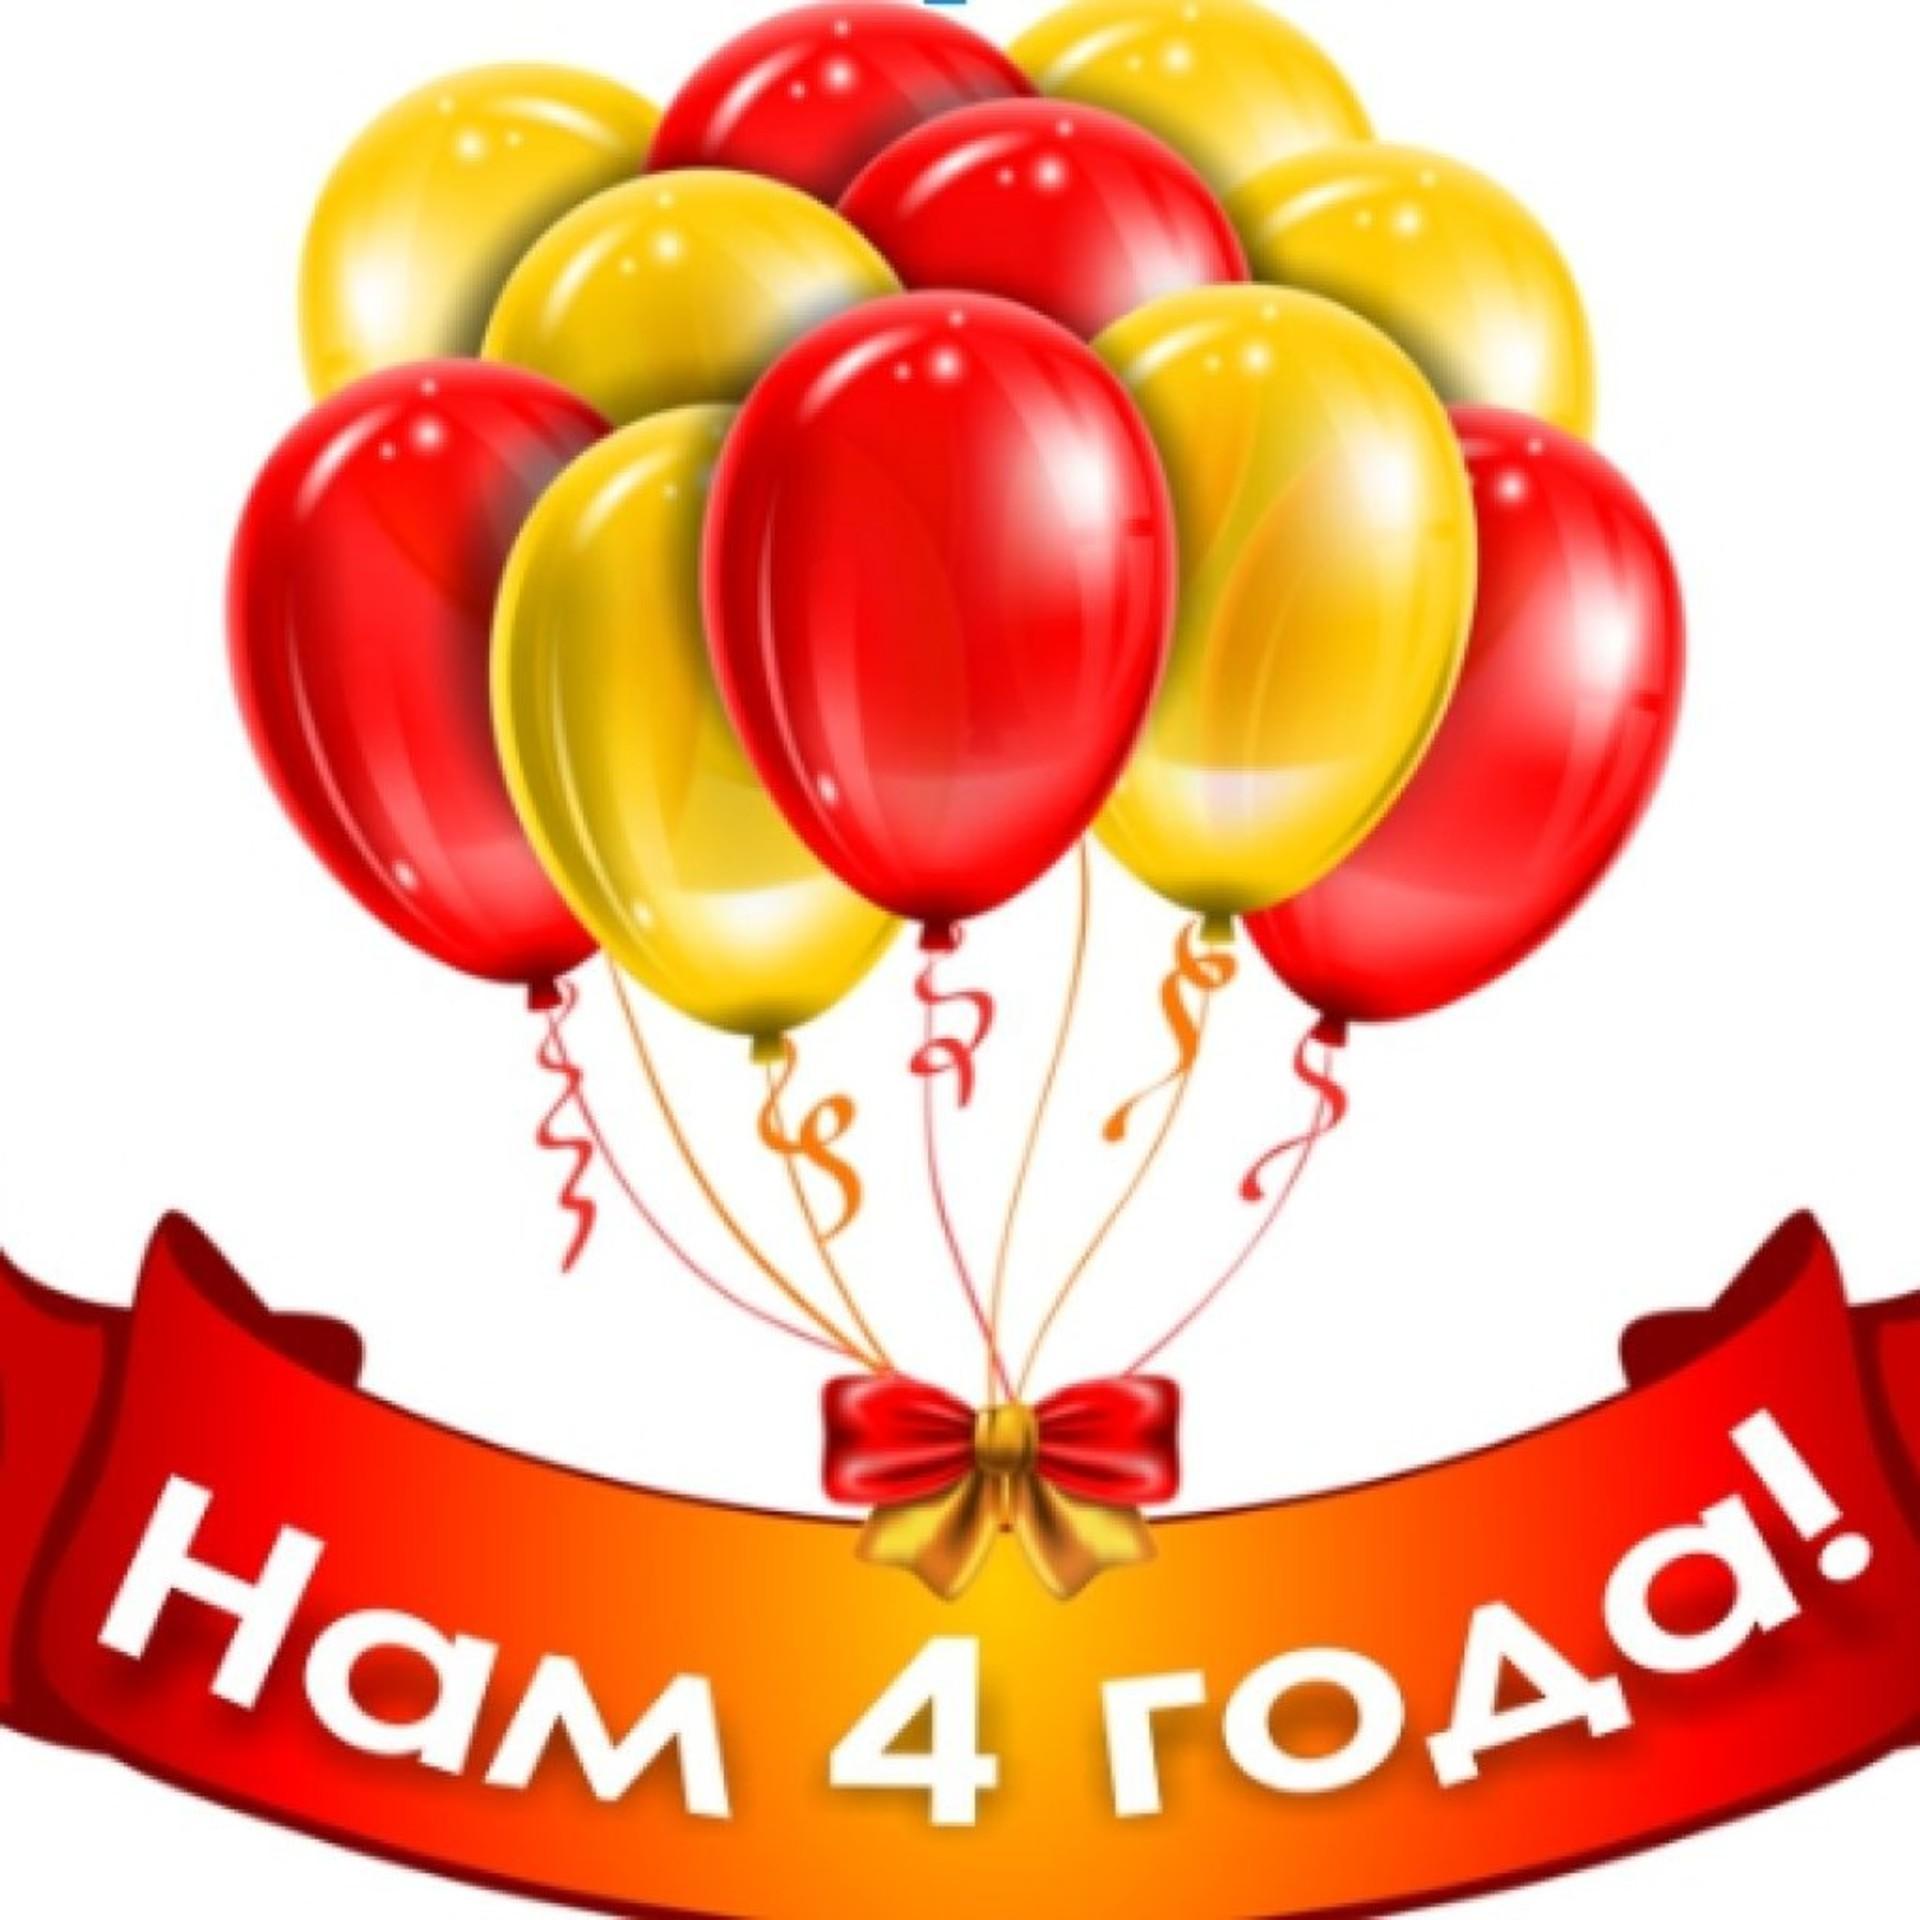 День рождения форума) Wall_36720_large